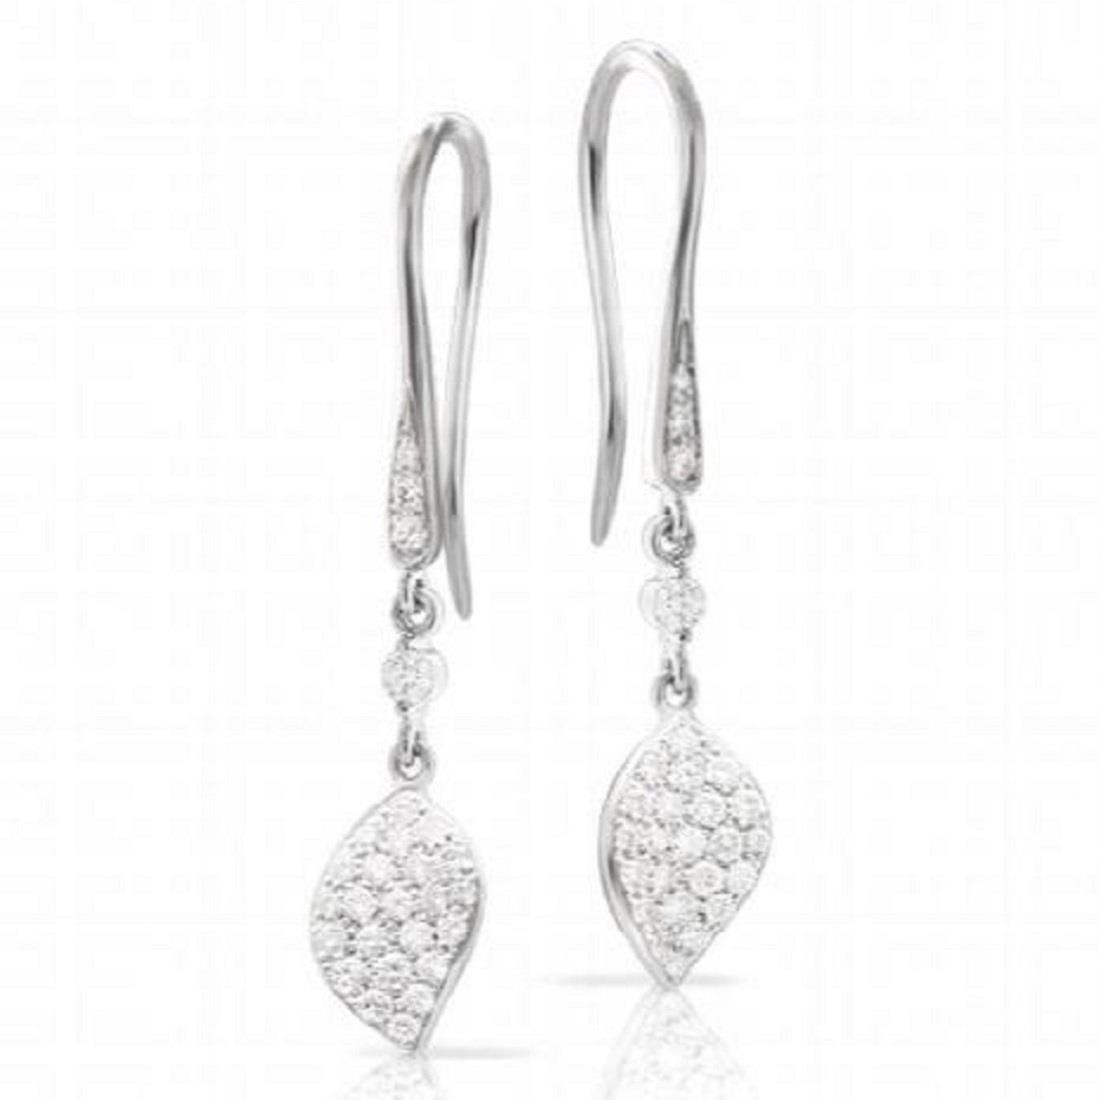 Orecchini pendenti in oro bianco e diamanti - PASQUALE BRUNI